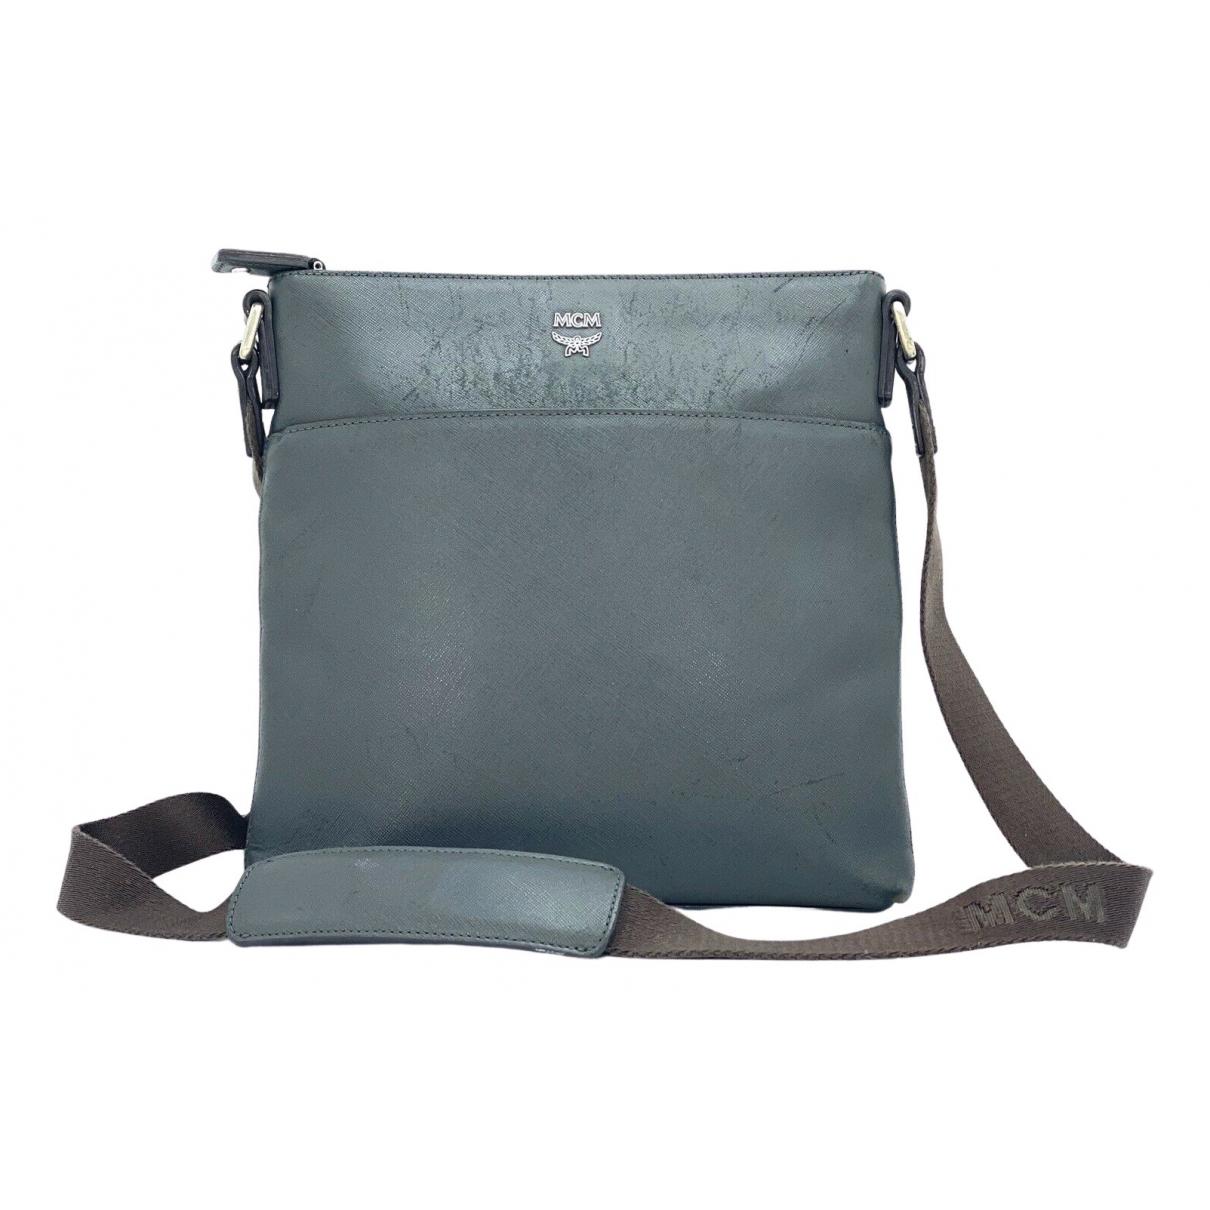 Mcm \N Handtasche in  Grau Leder